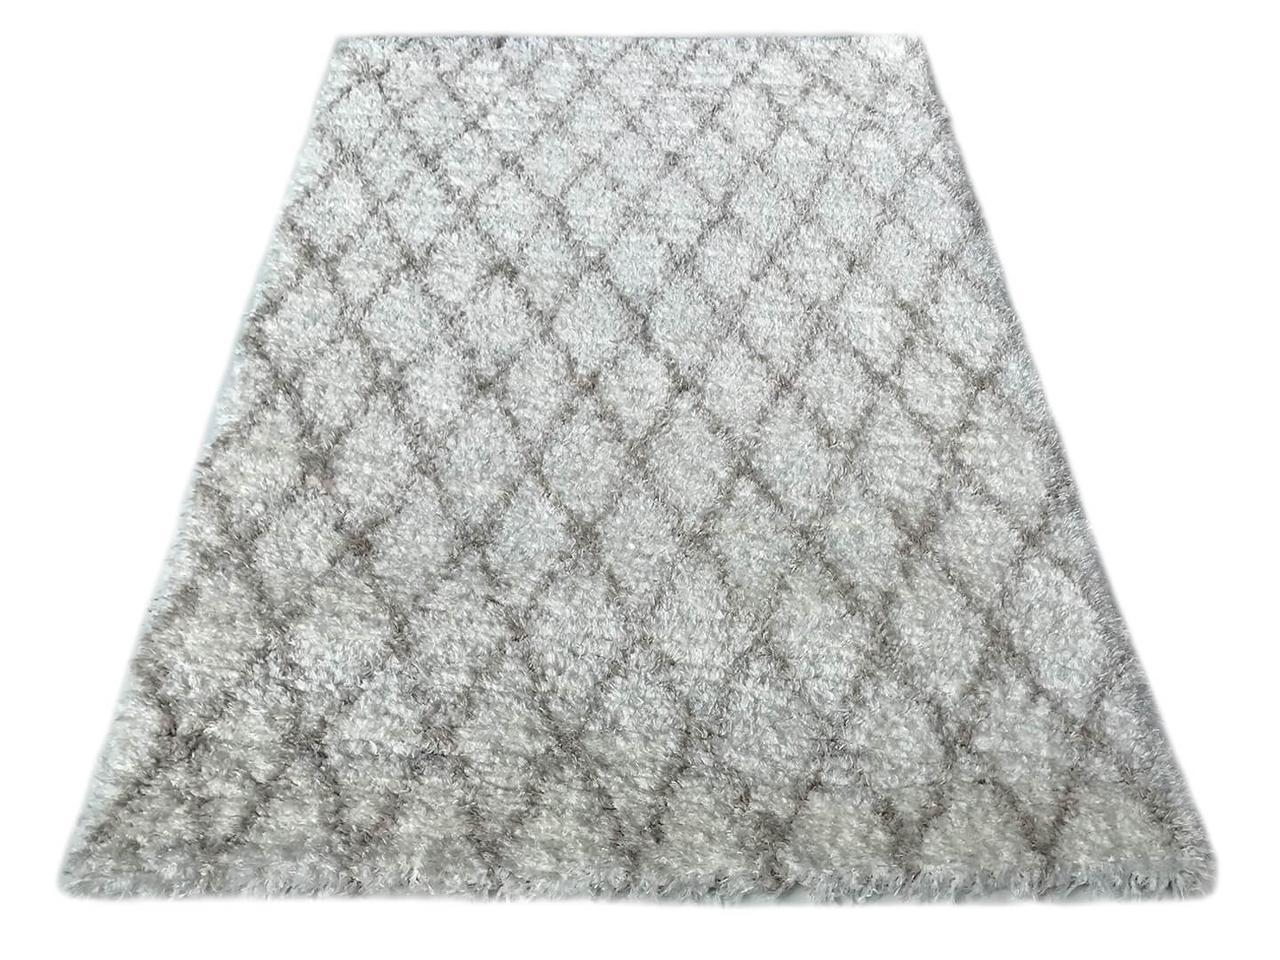 Ковер современный QUATTRO 3507A 1,6Х2,3 Кремовый прямоугольник